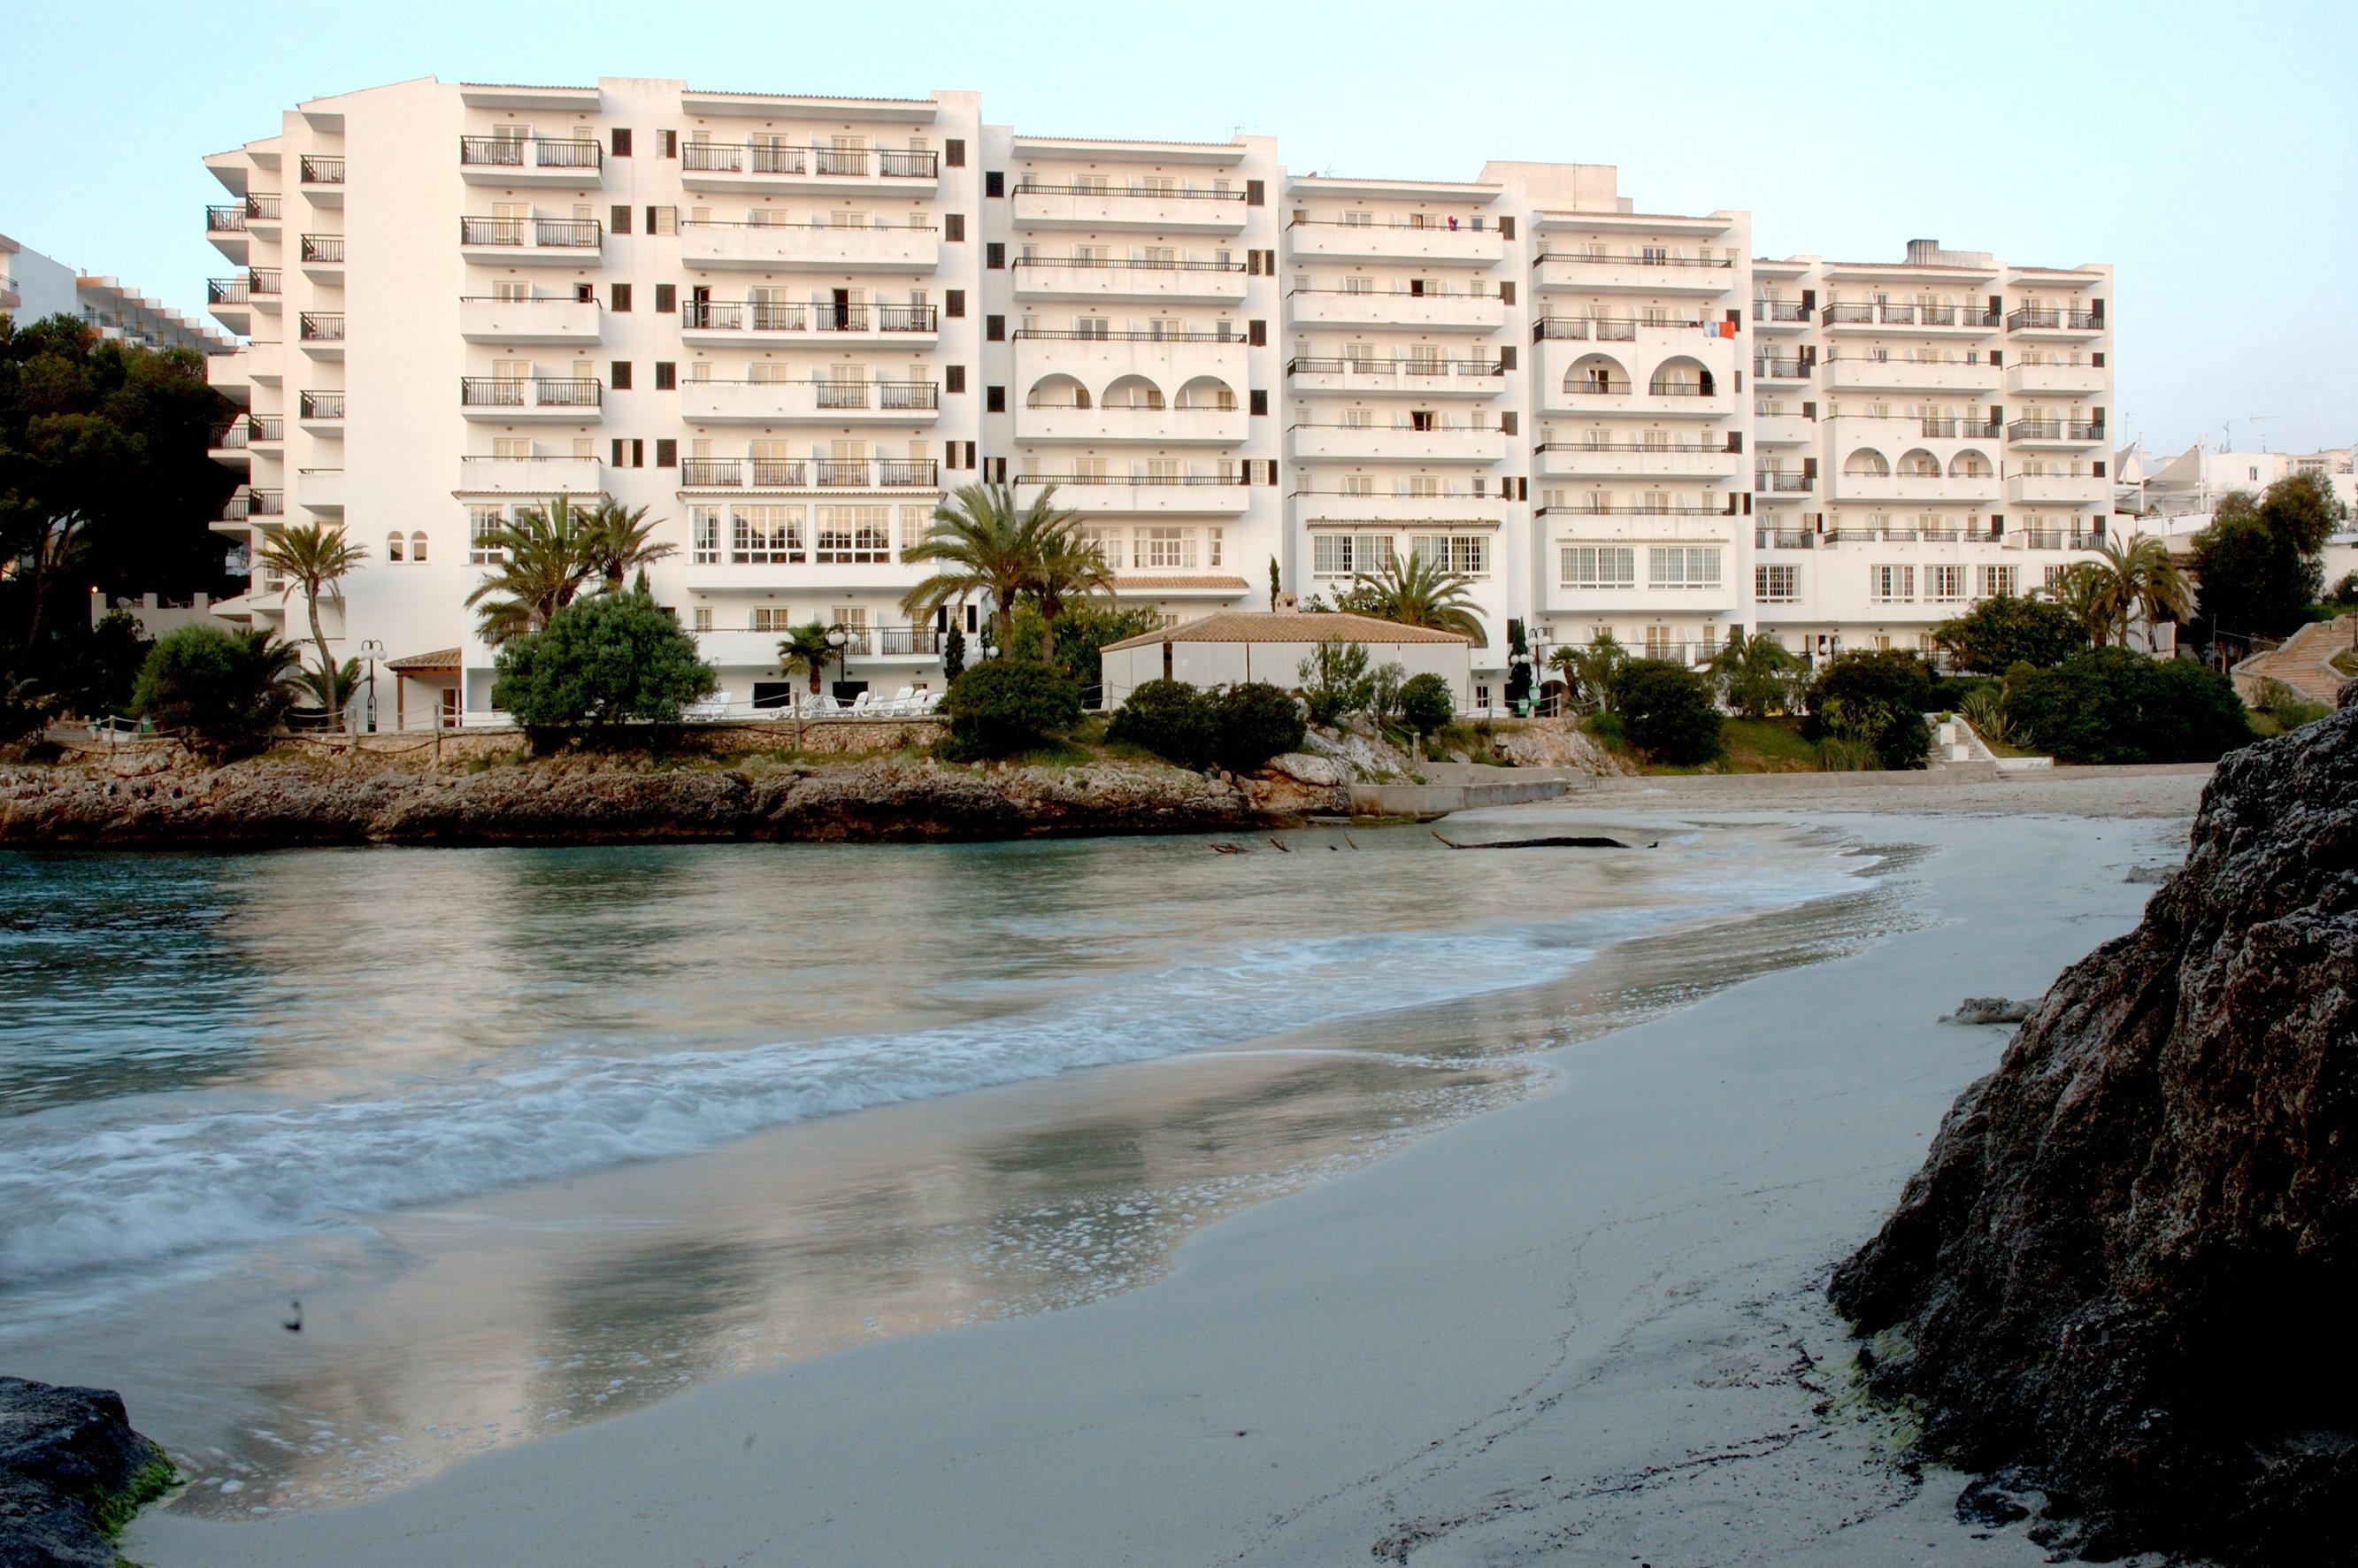 巴瑟罗波南特海滩酒店